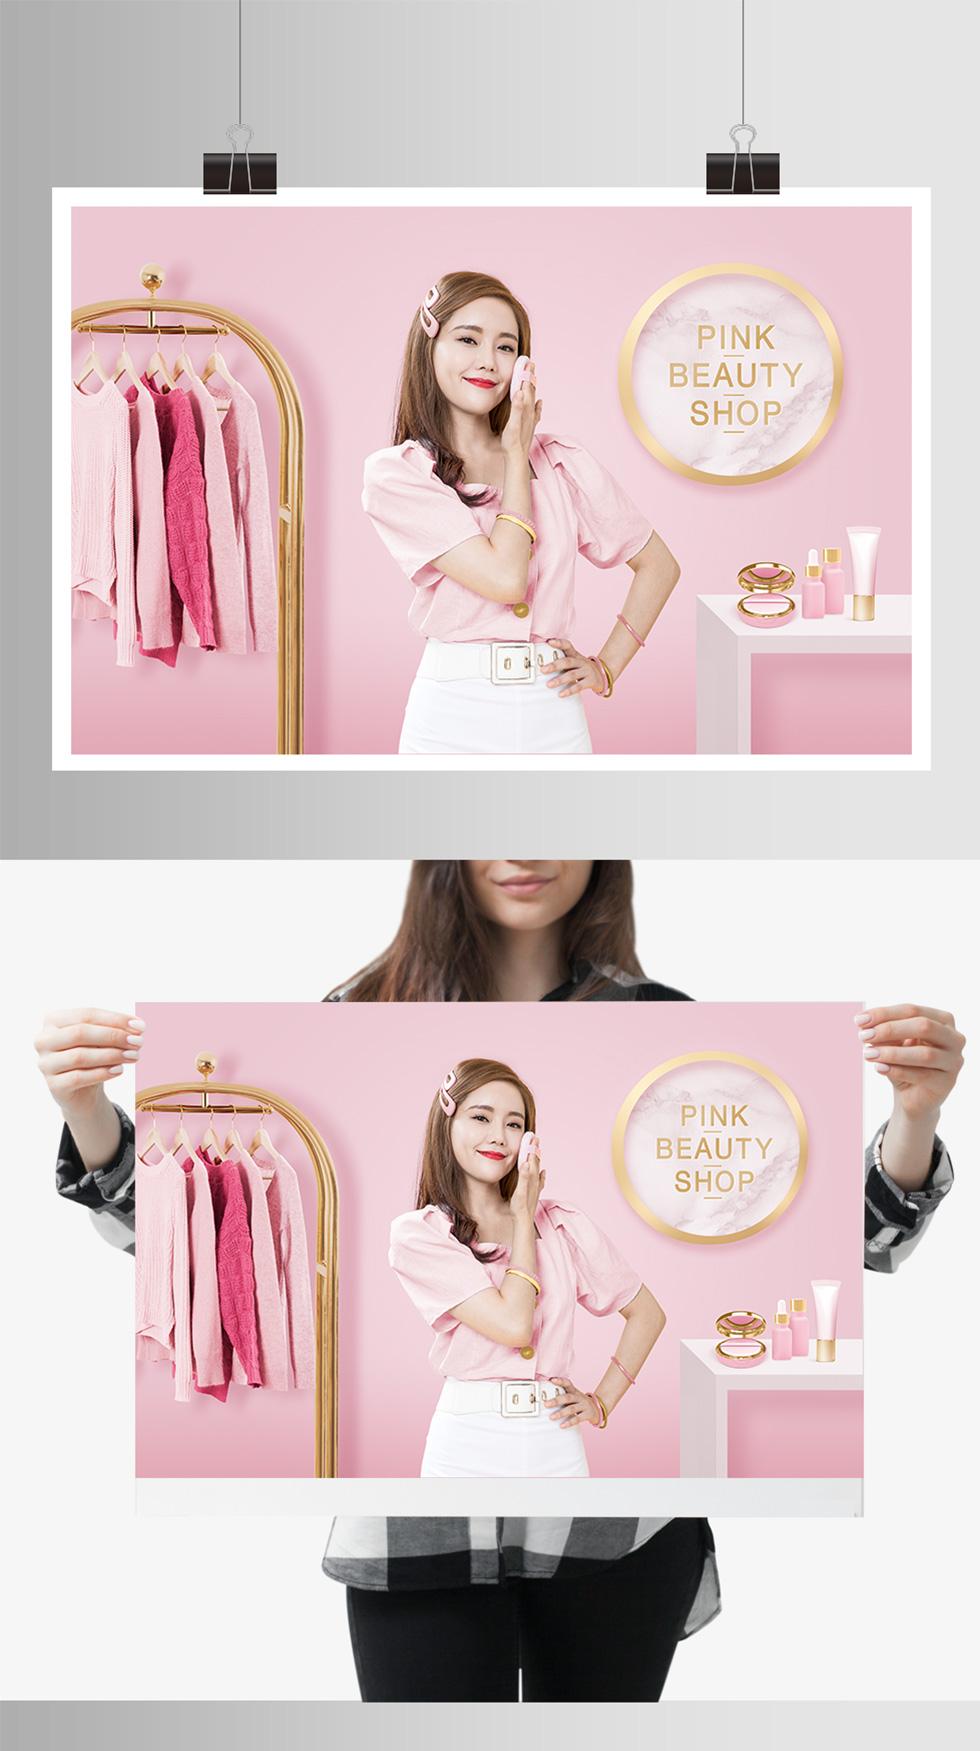 C4D立体粉色系美女模特化妆品护肤品宣传海报